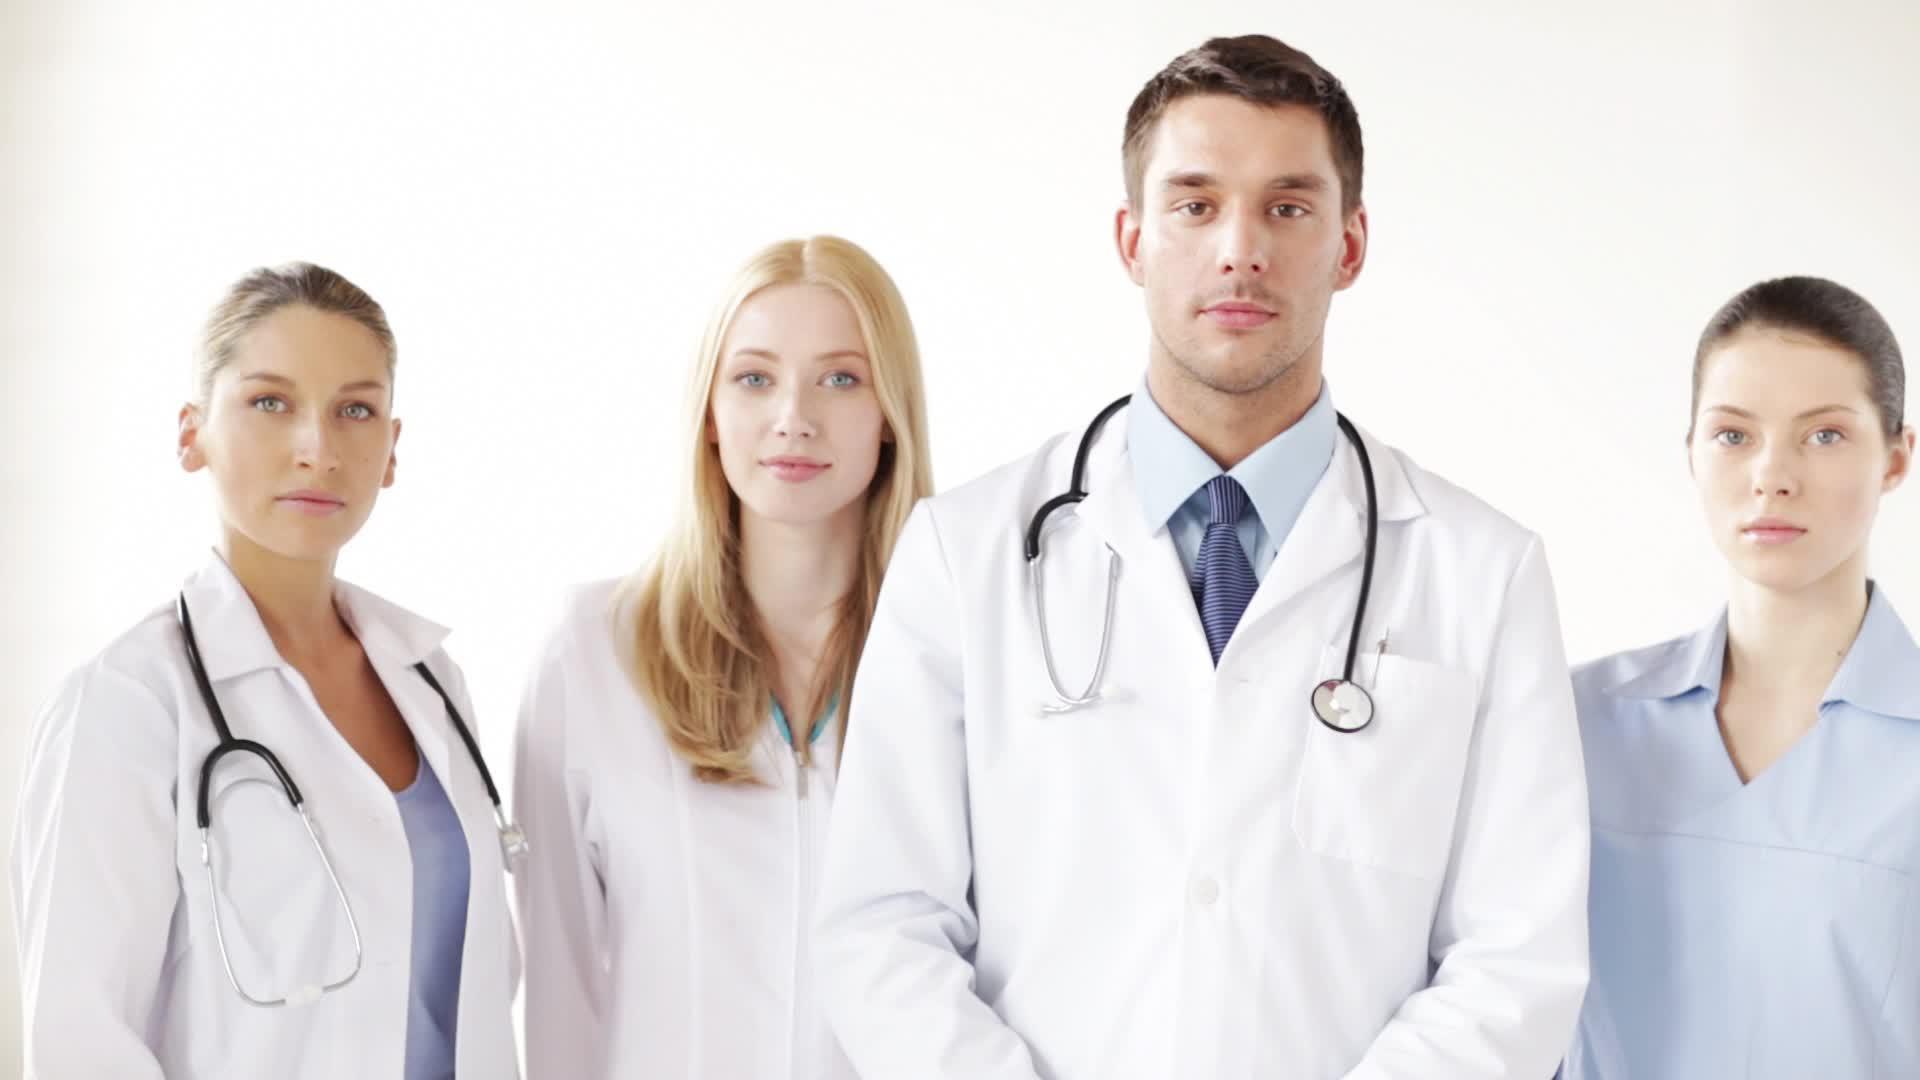 Клиники в чехии, занимающиеся реабилитацией